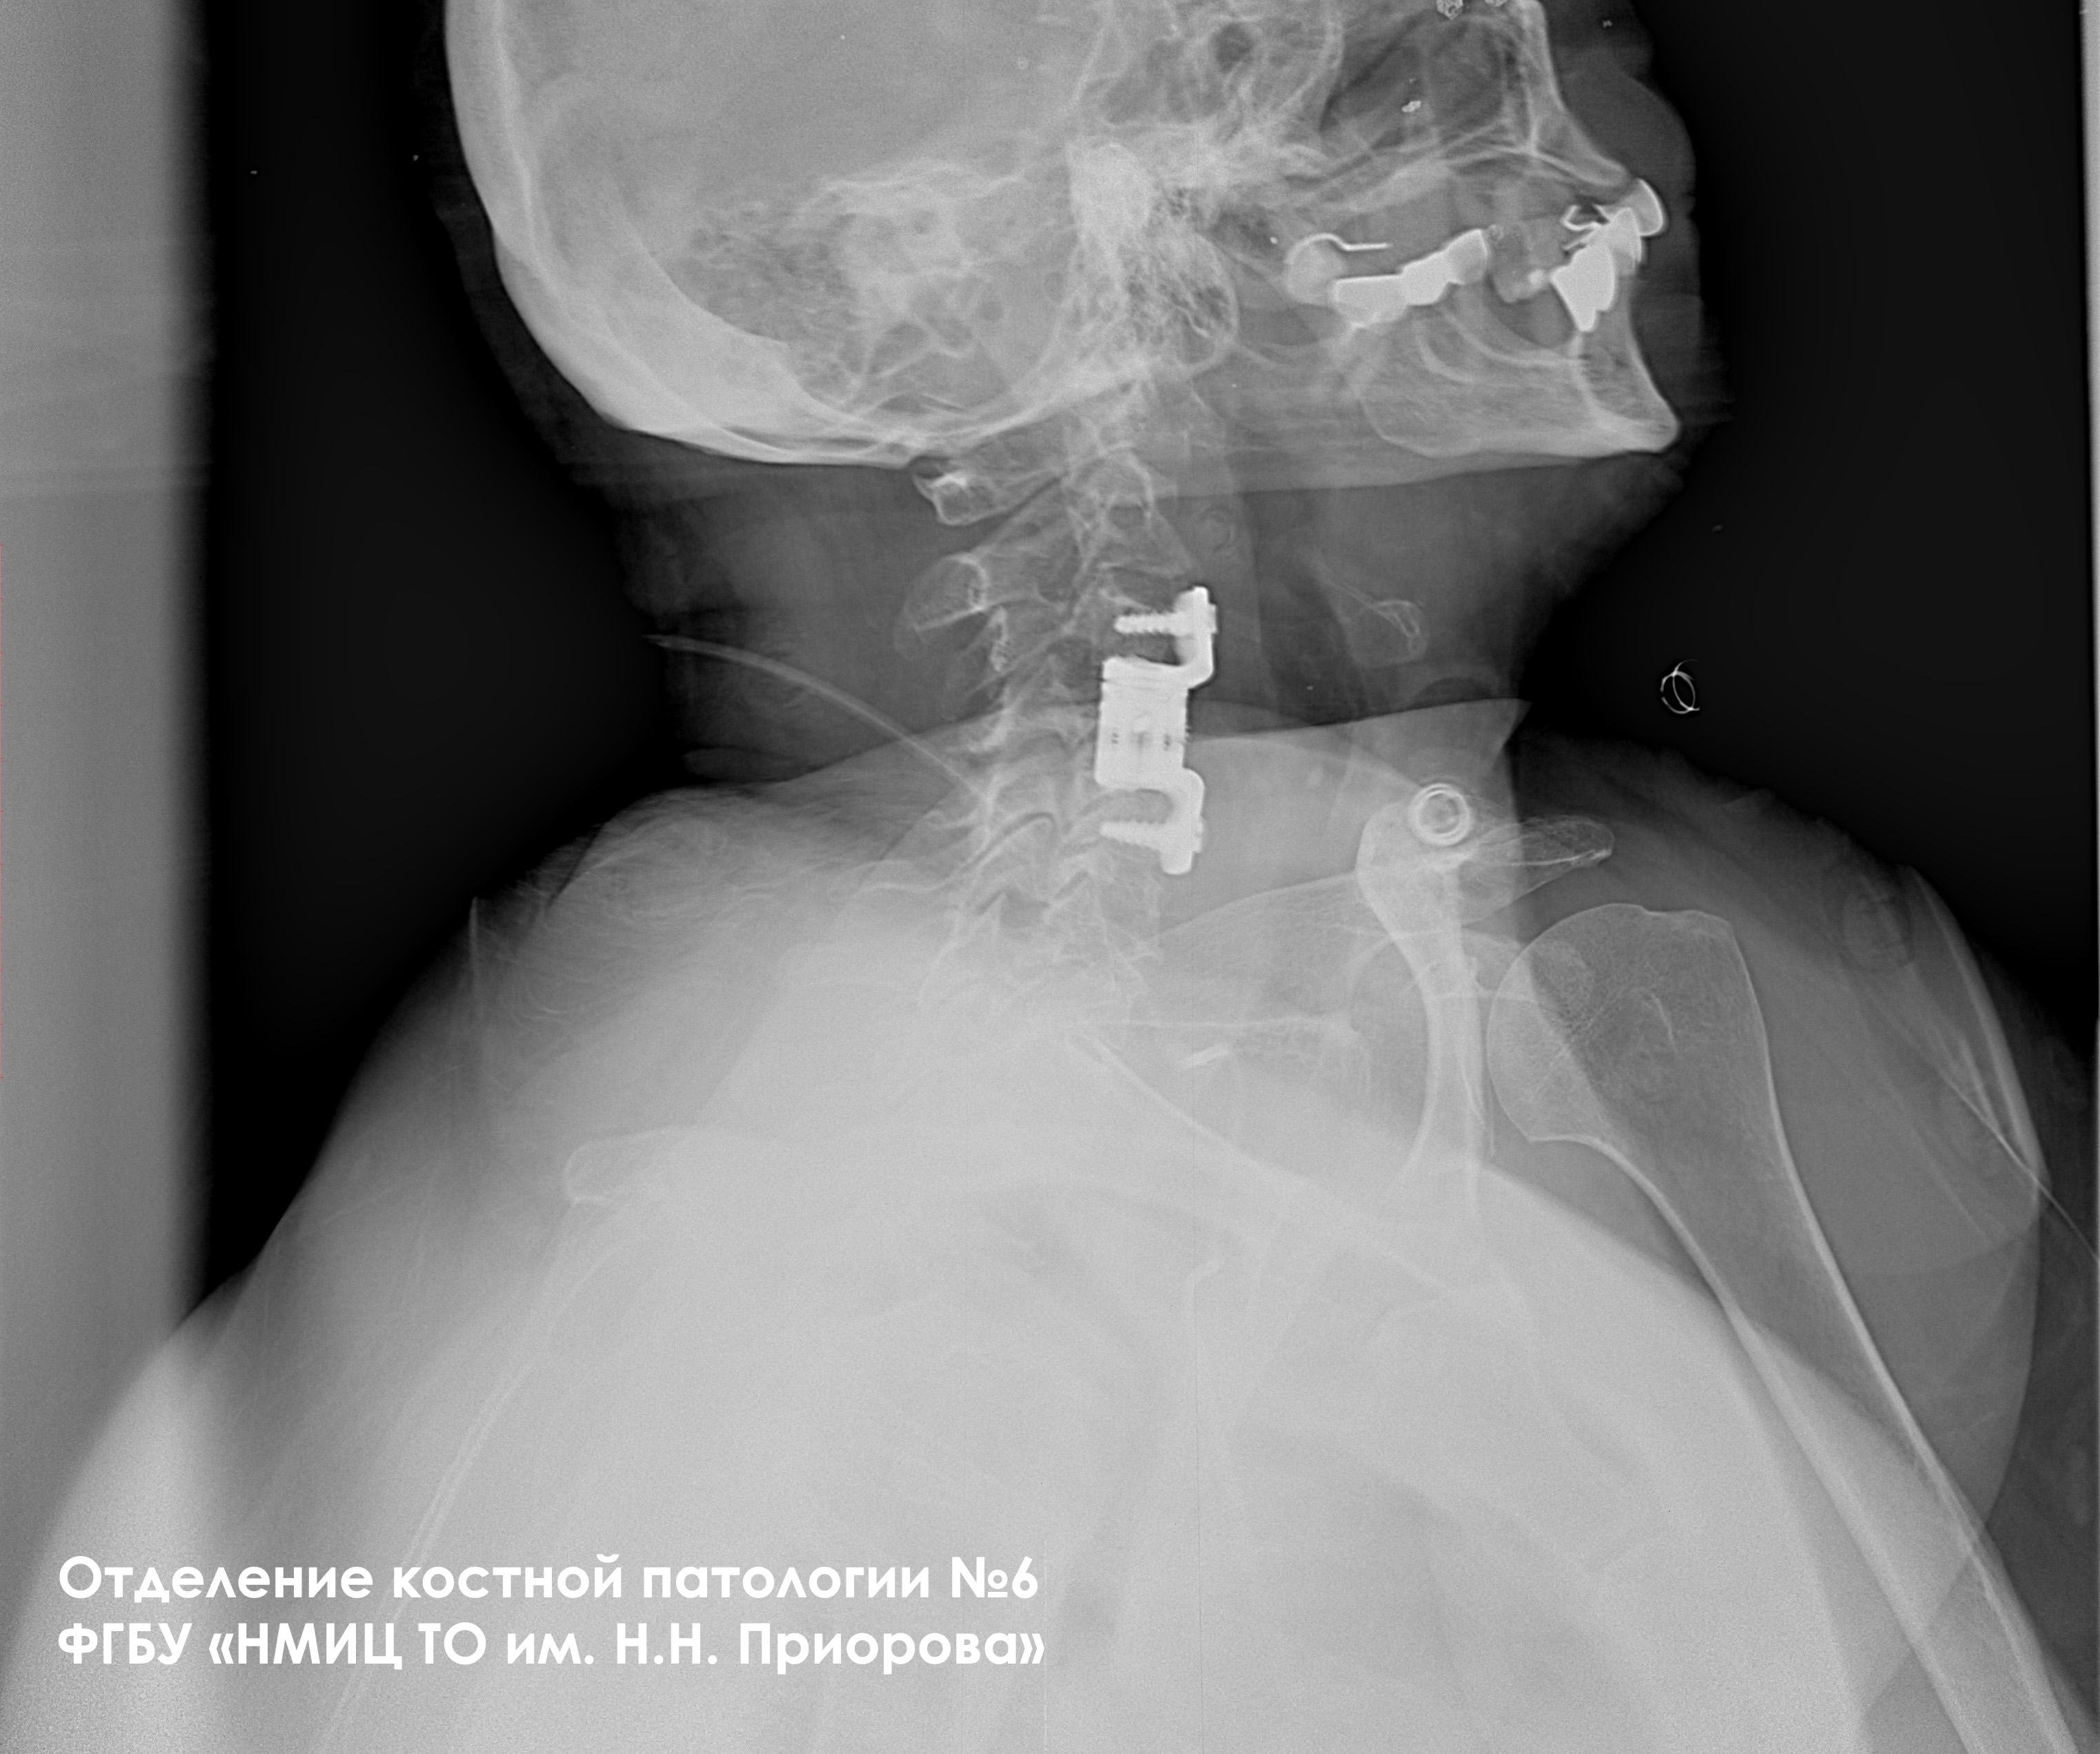 Эндопротезирование тел позвонков при опухолевом поражении